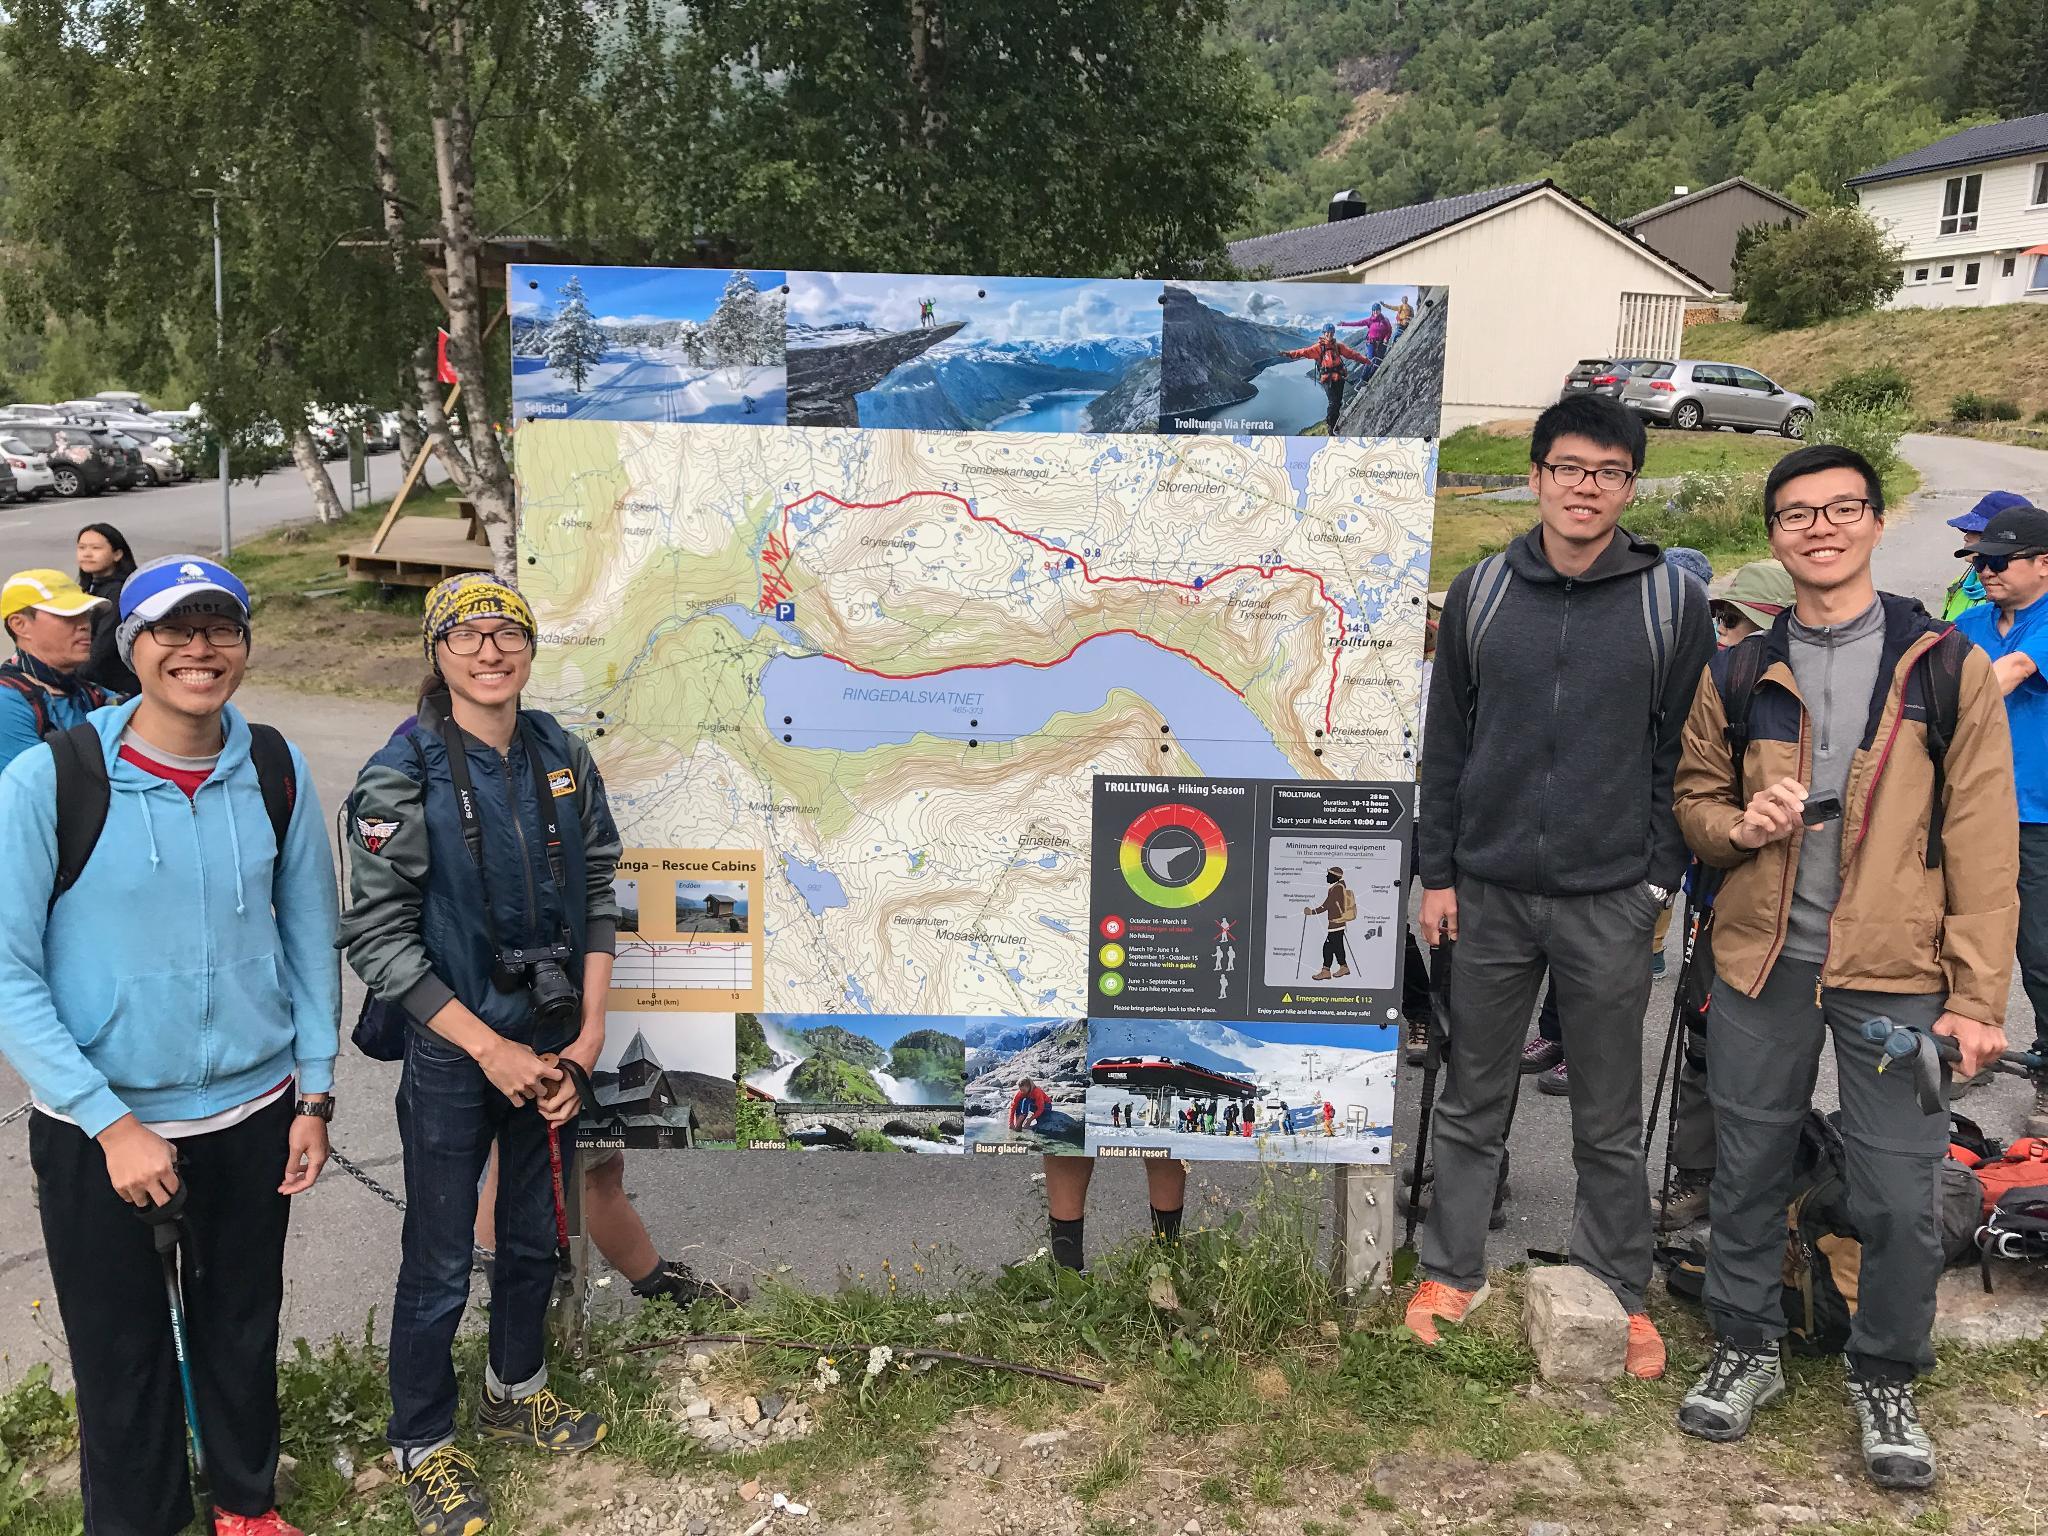 【北歐景點】挪威惡魔之舌 Trolltunga — 28公里健行挑戰全攻略 178